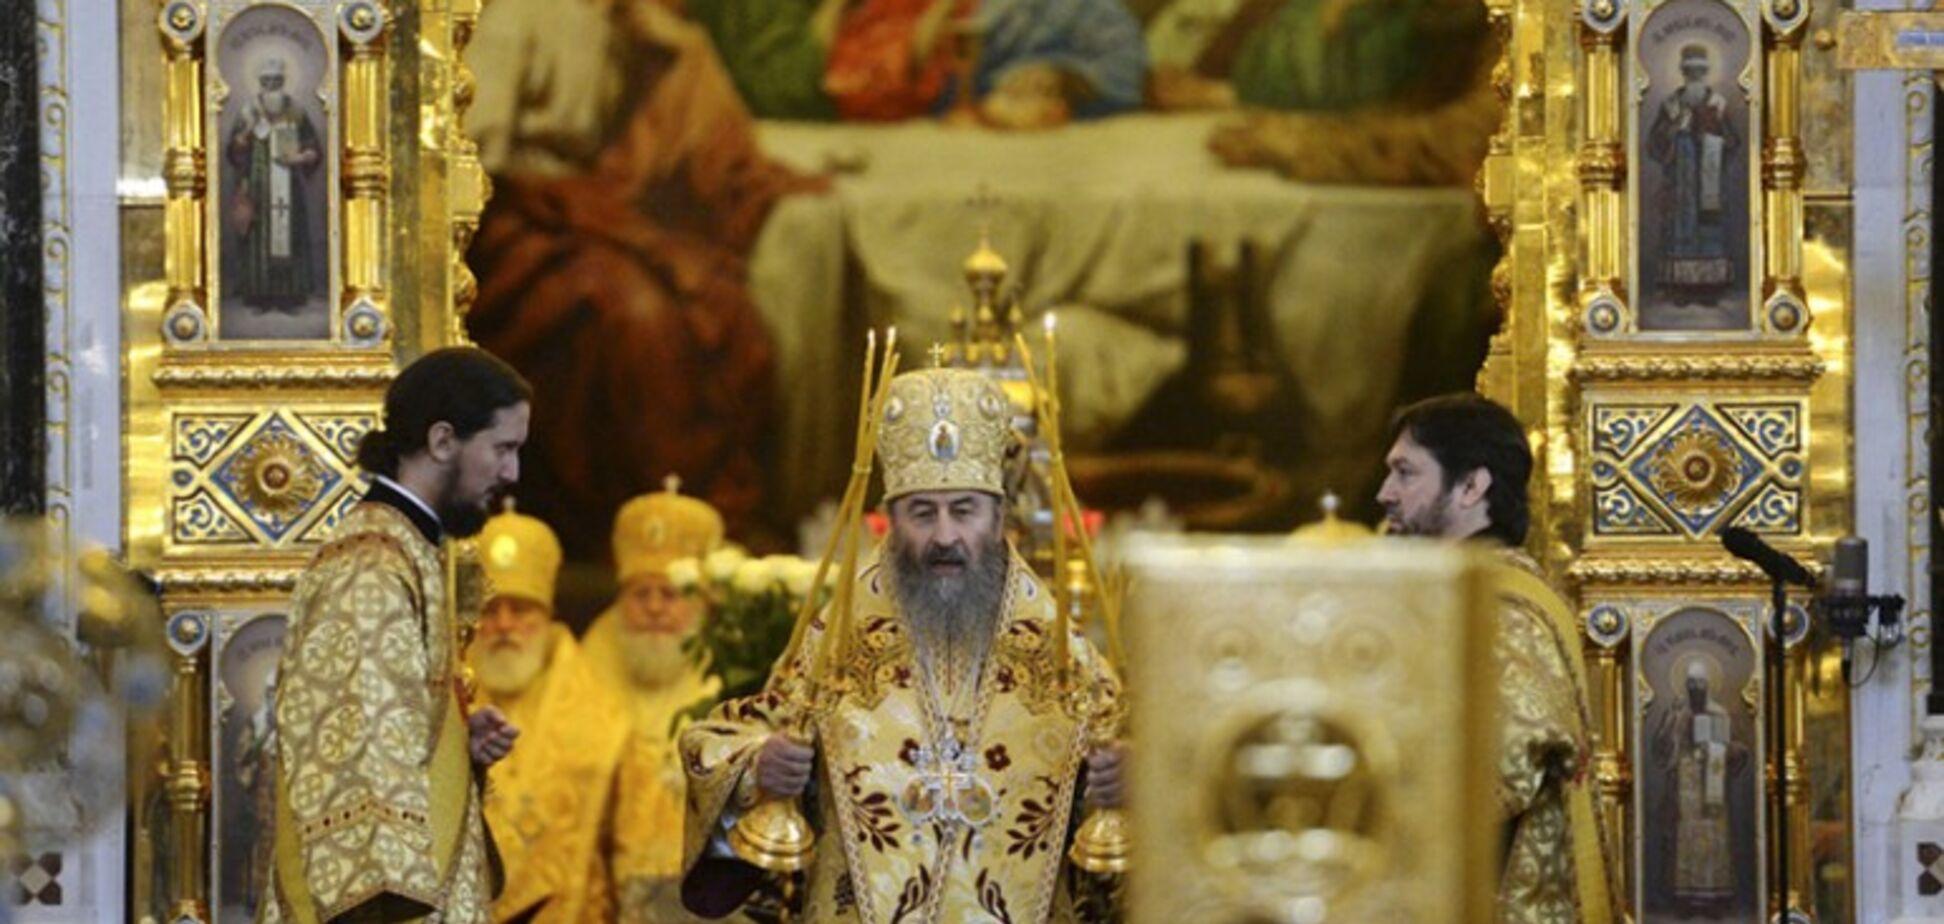 УПЦ МП підтримала автокефалію Української церкви